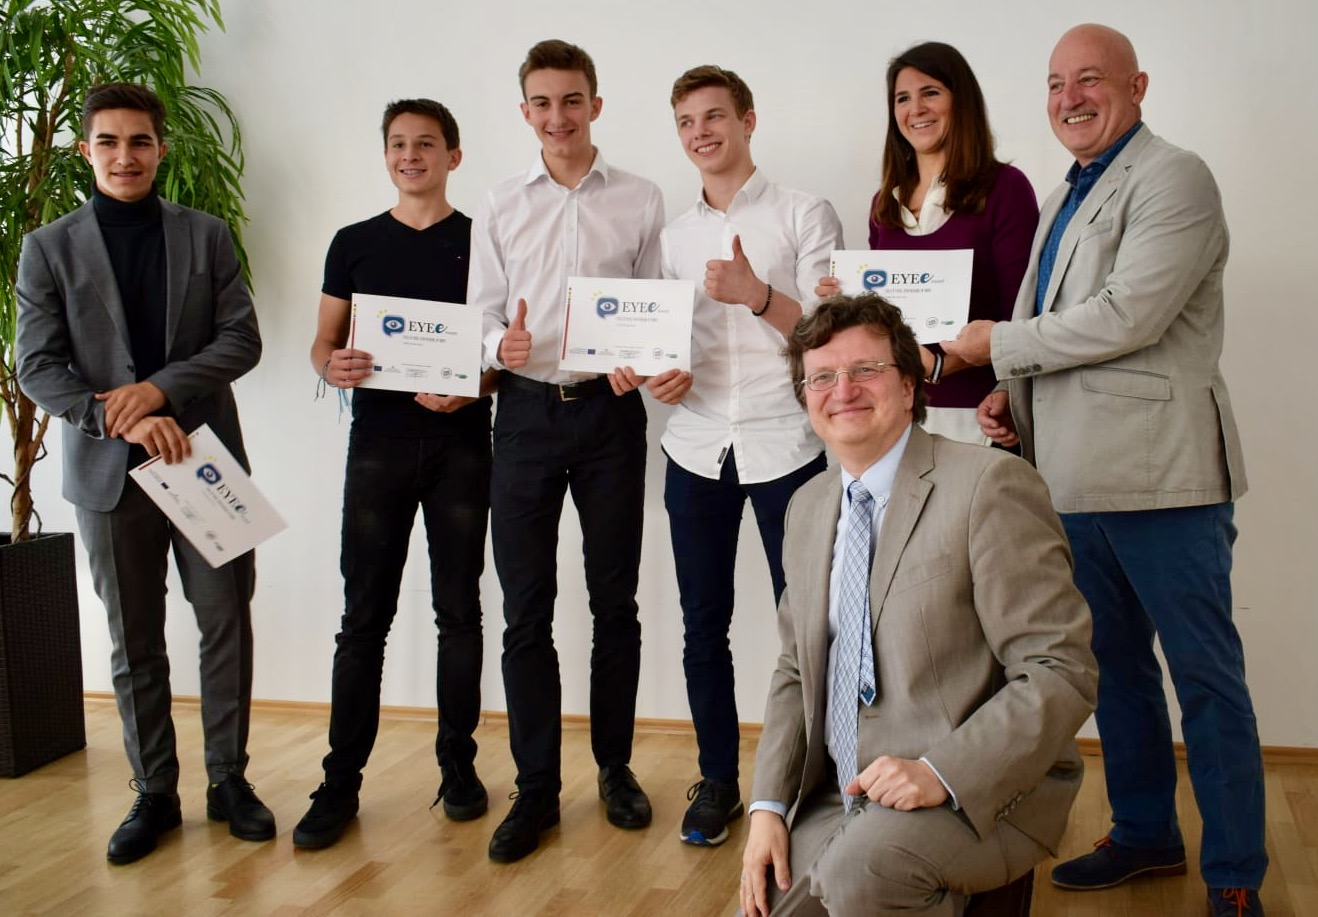 EEYE-Projekt mit erfolgreichen Siegern!